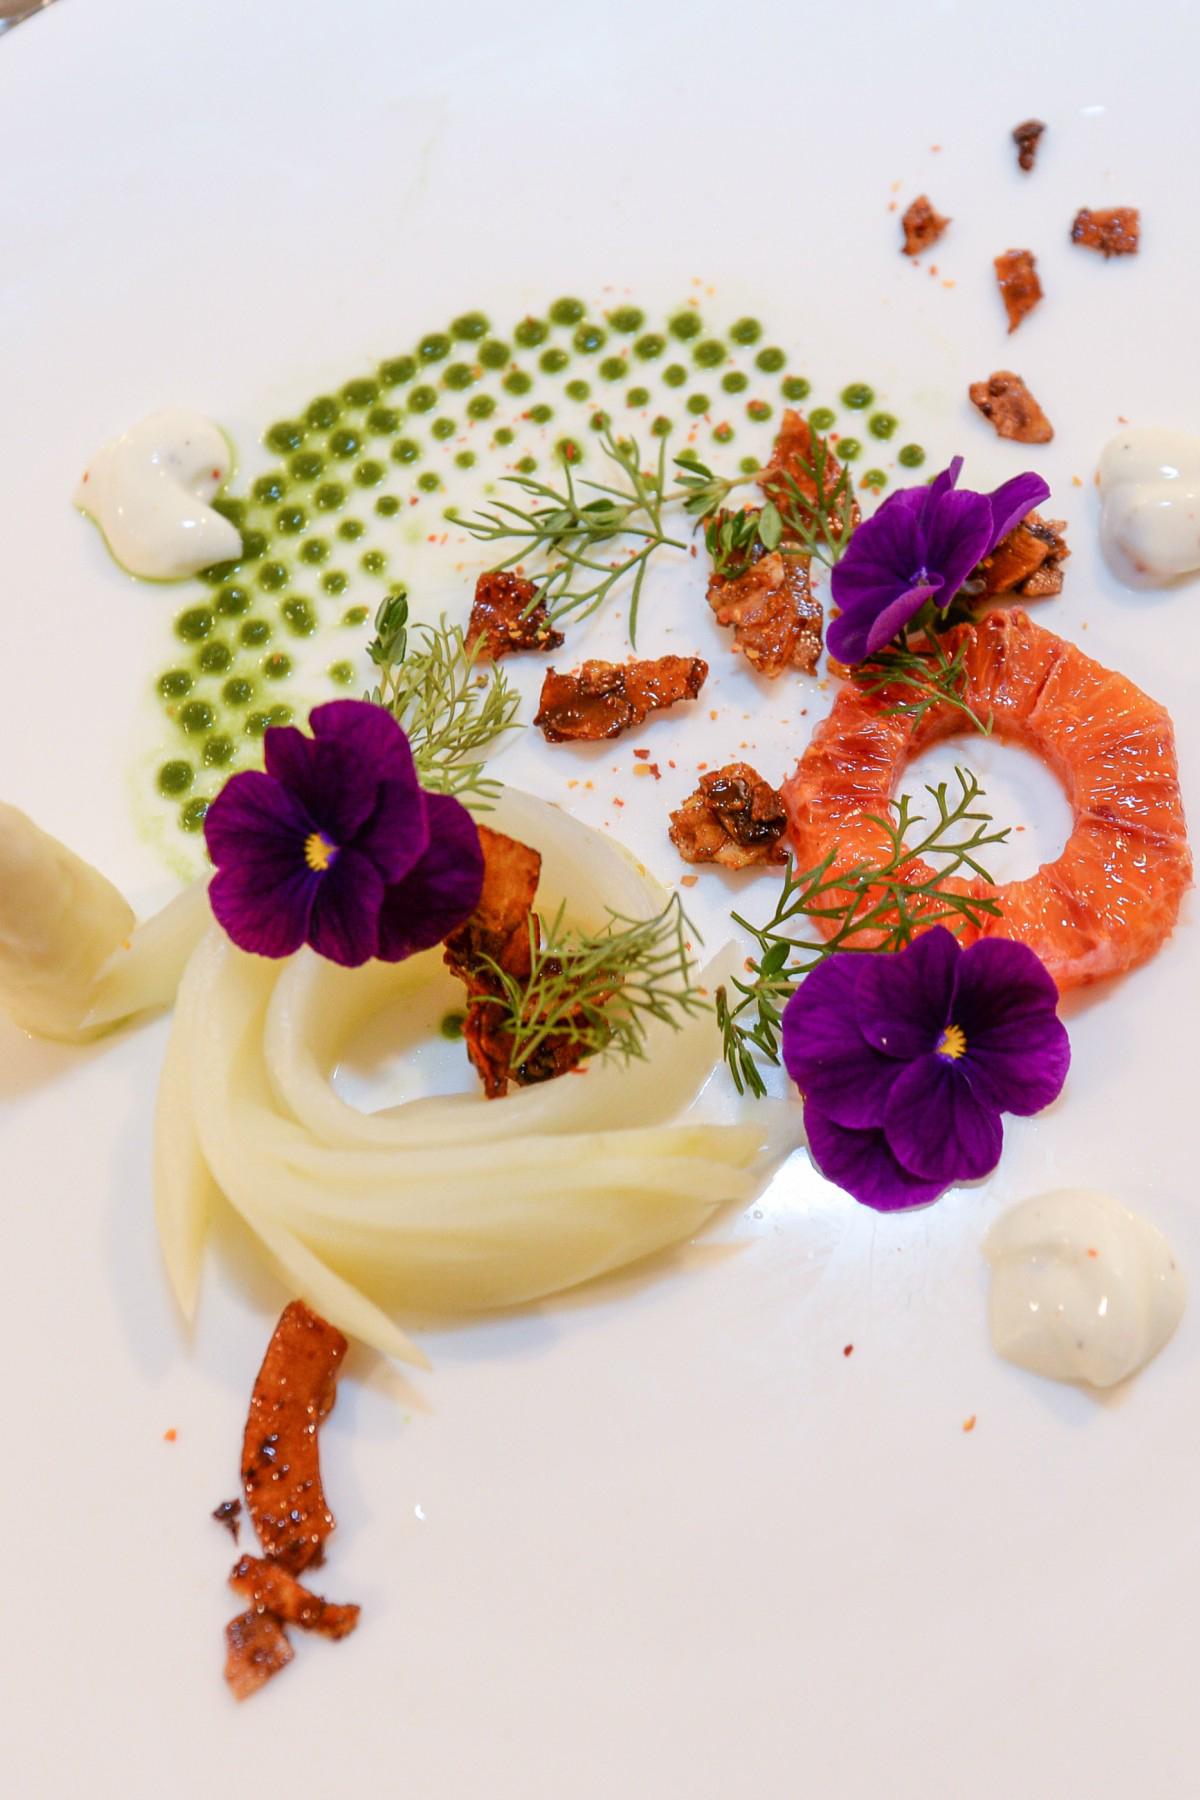 LEEM WONEN SieMatic Short Cooking Races beste gerecht